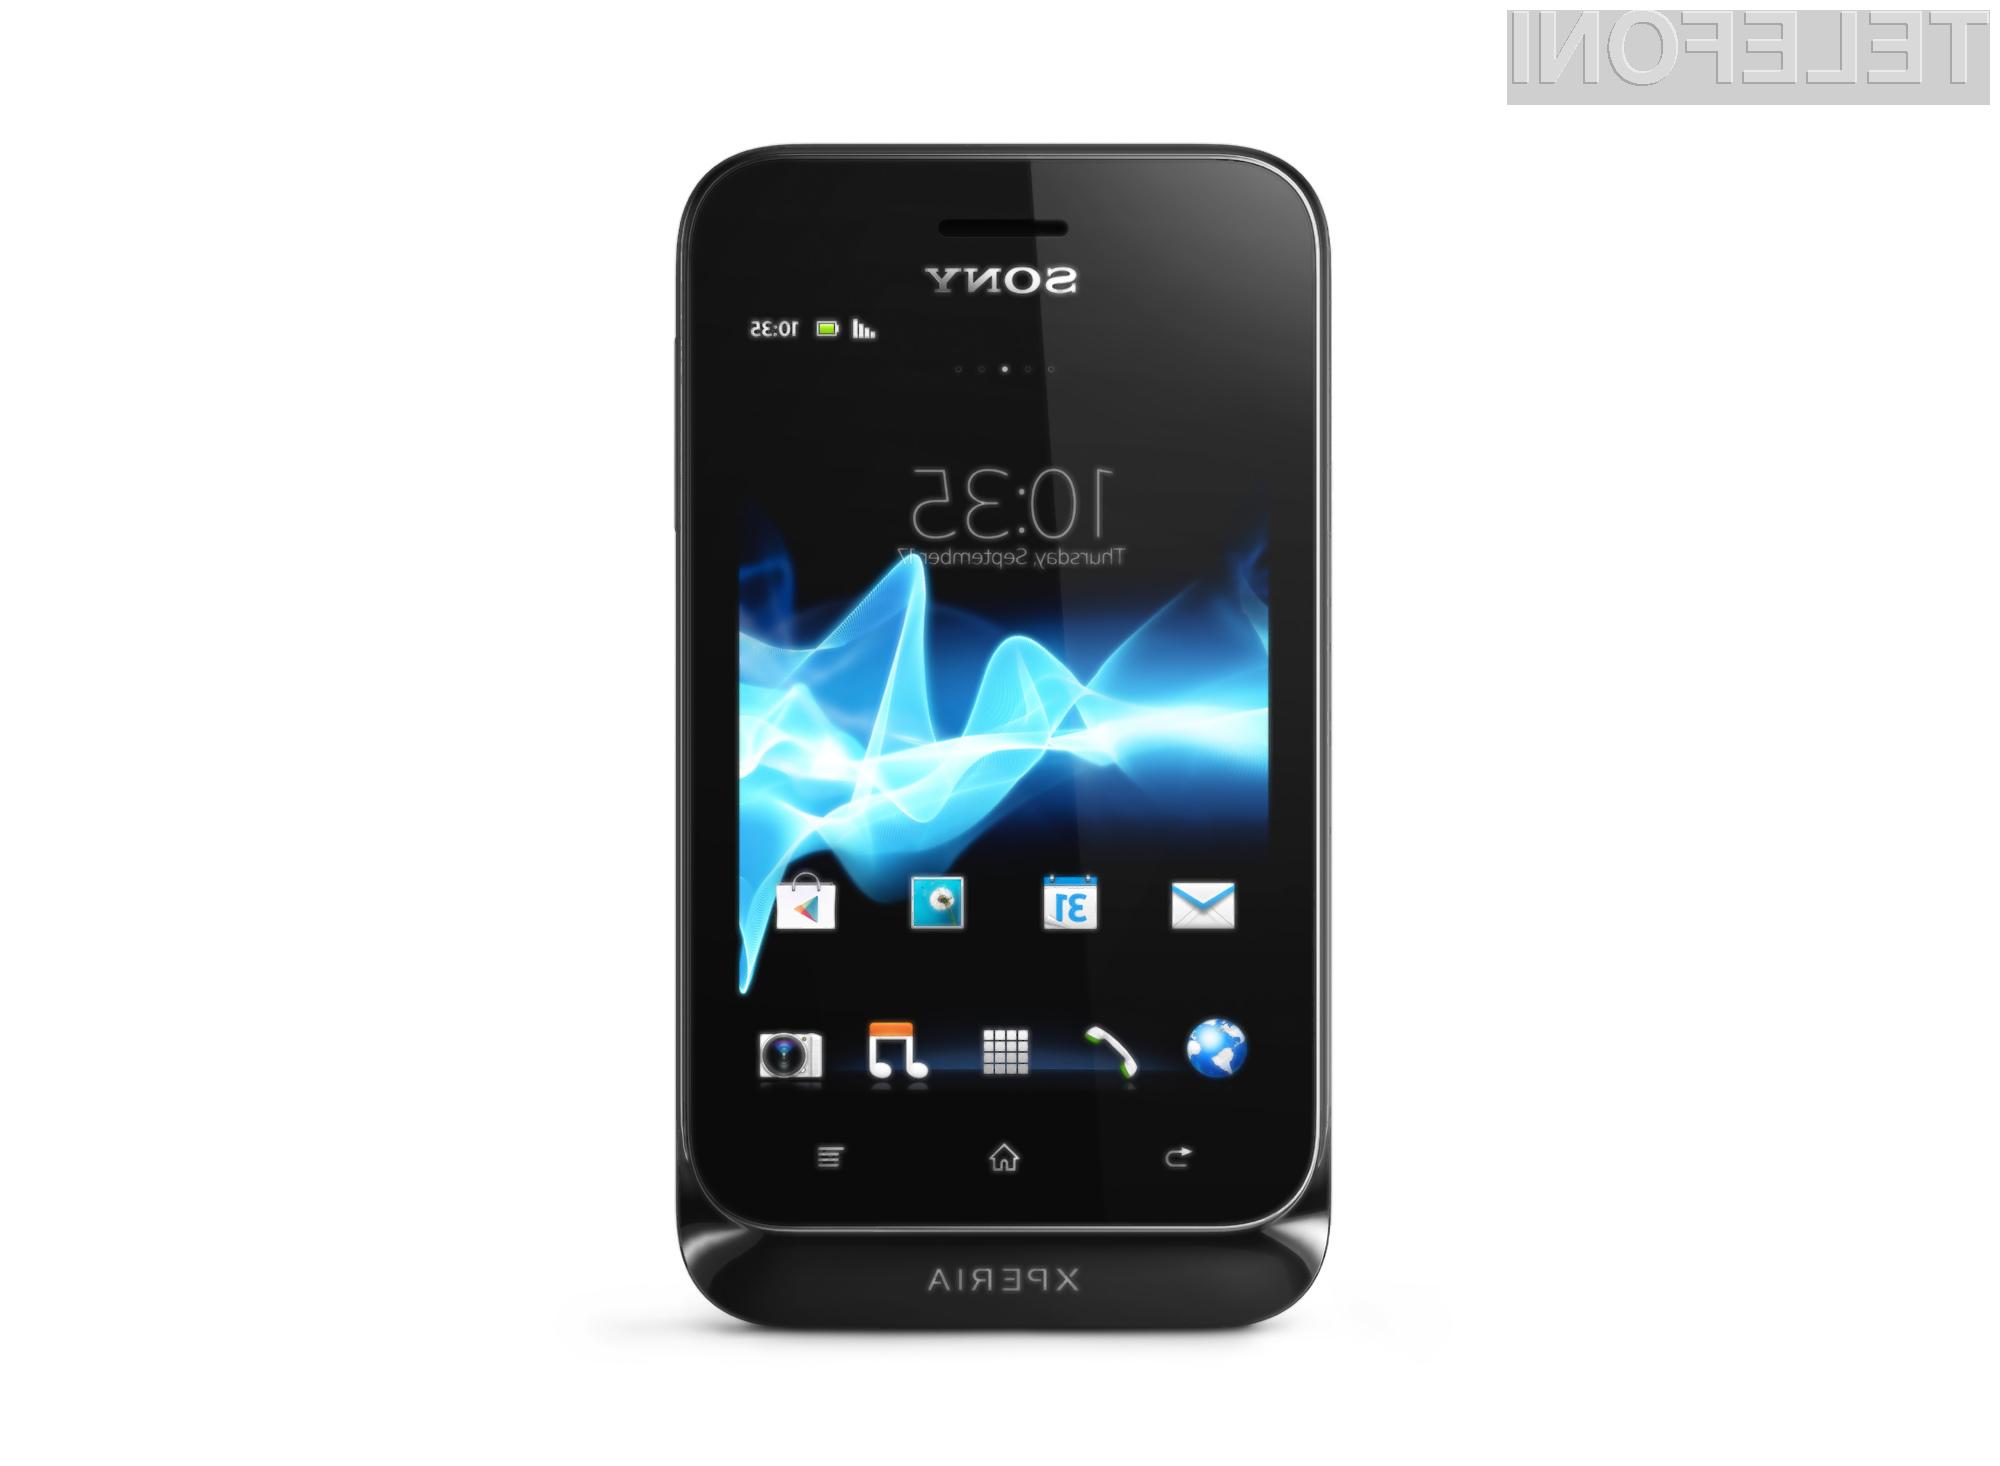 Sony Xperia Tipo je v prvi vrsti namenjena uporabnikom, ki se prvič v življenju soočajo s pametnim telefonom.